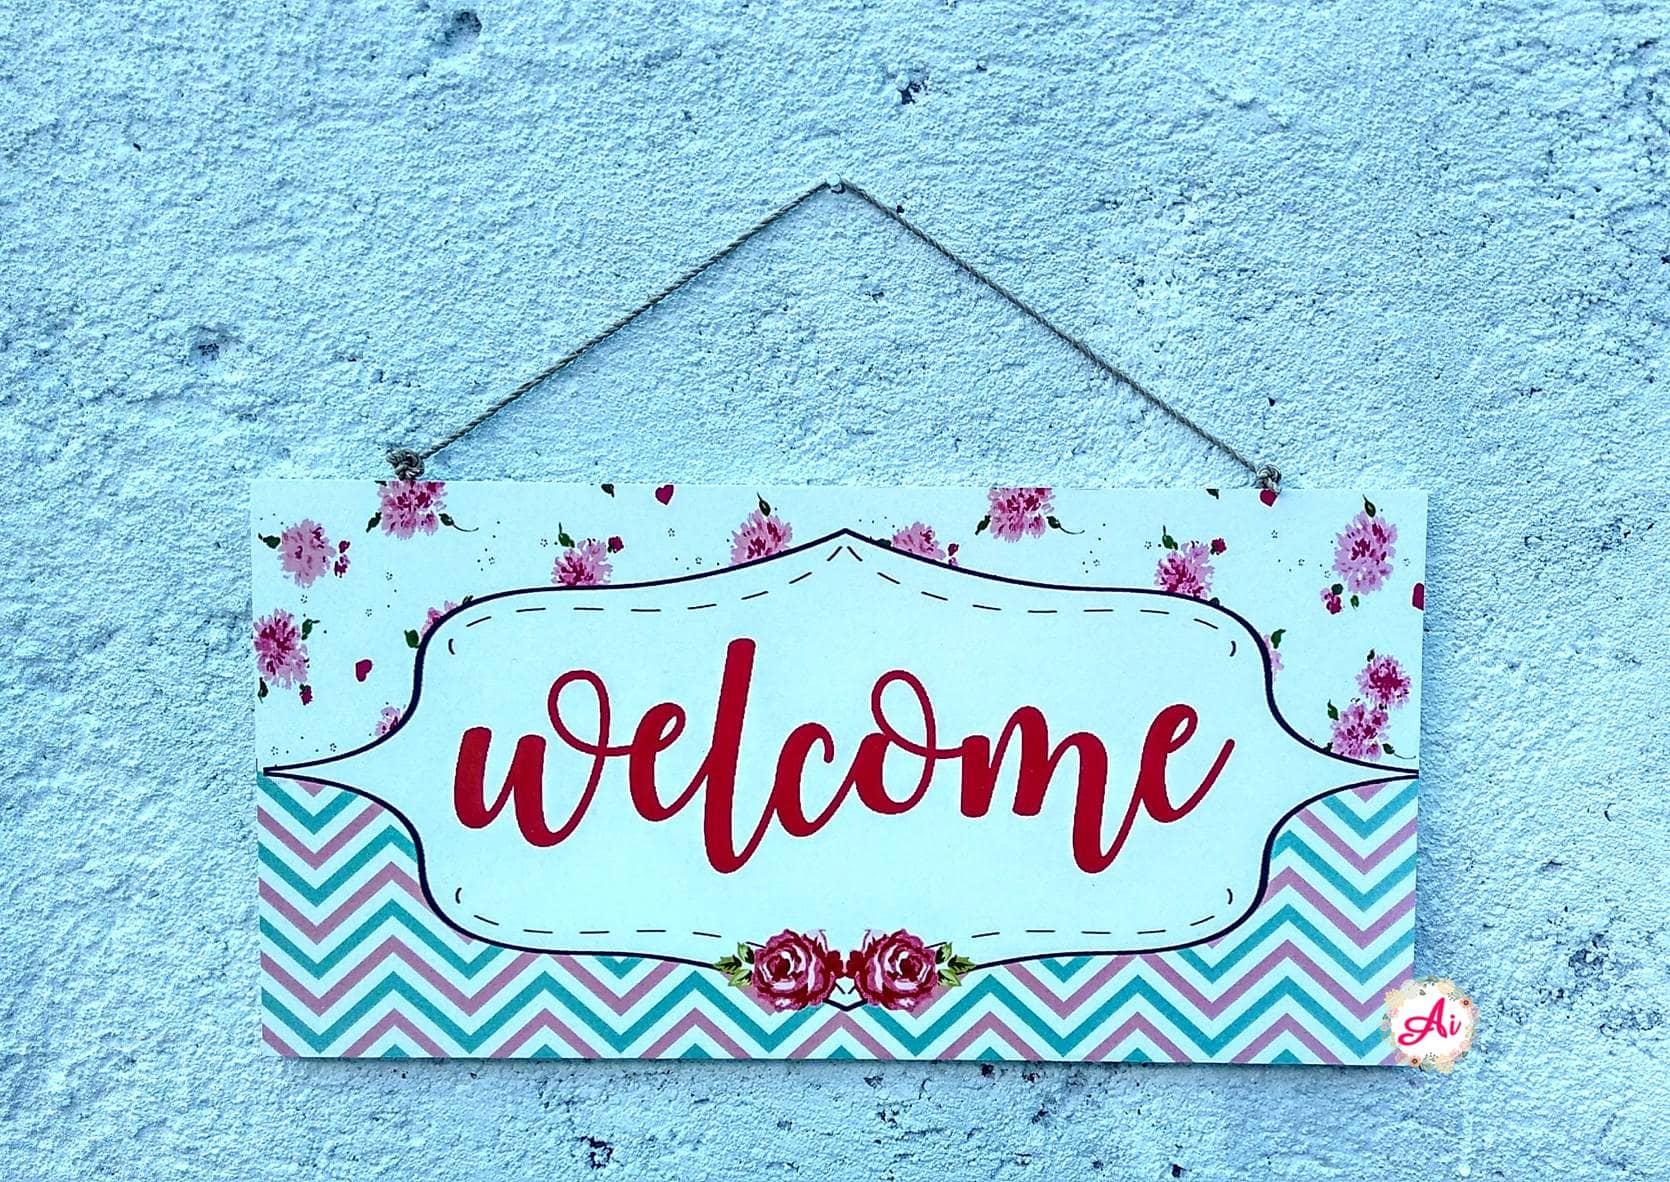 Jual Produk Ukm Dekorasi Rumah L Wall Decor Hiasan Dinding Bumn Car Charger 2 Usb Shabby Chic Welcome